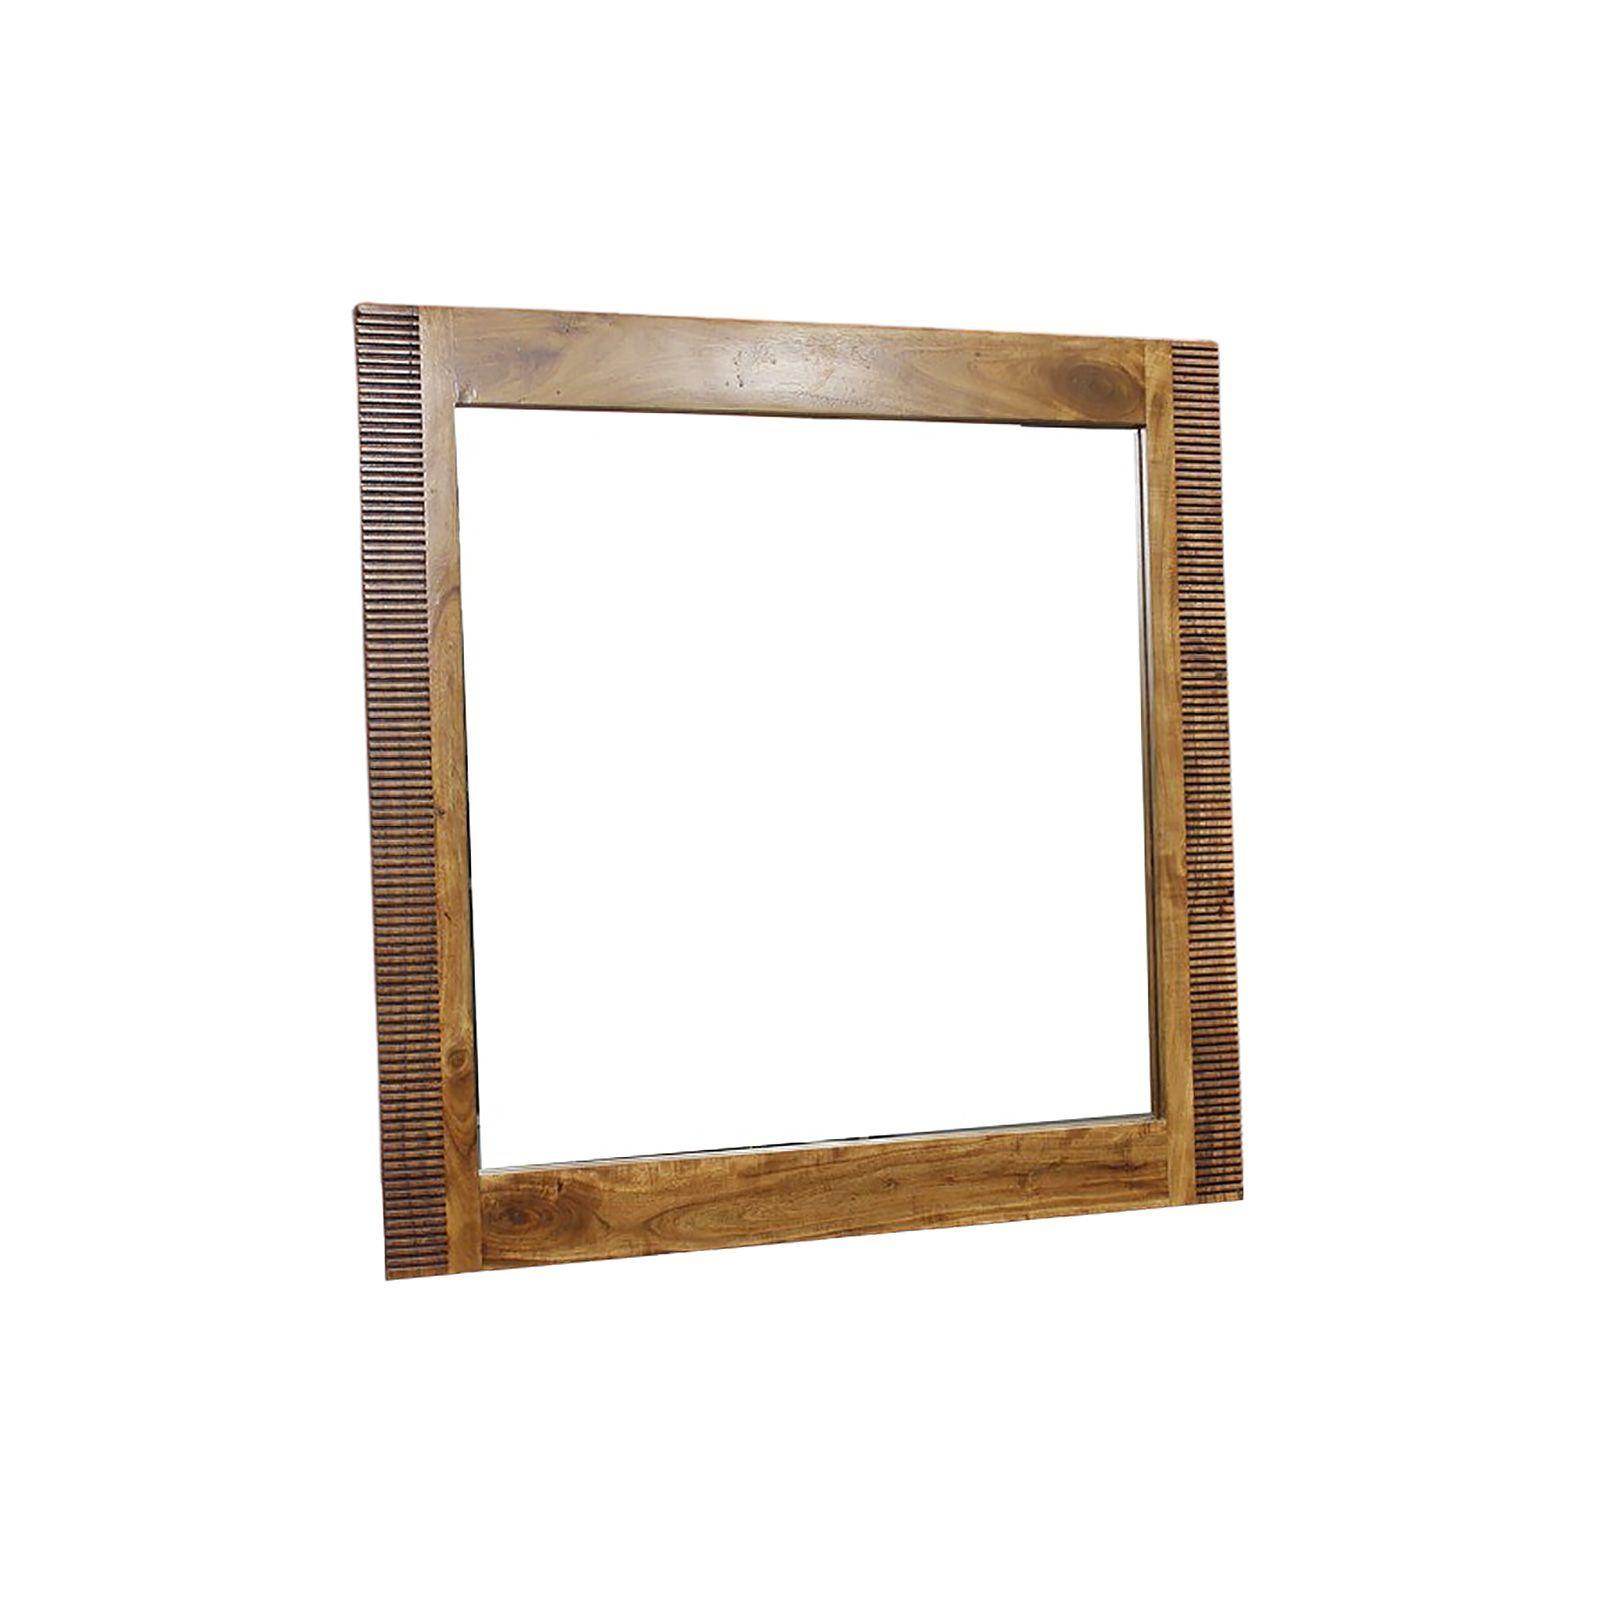 Miroir bois massif strié